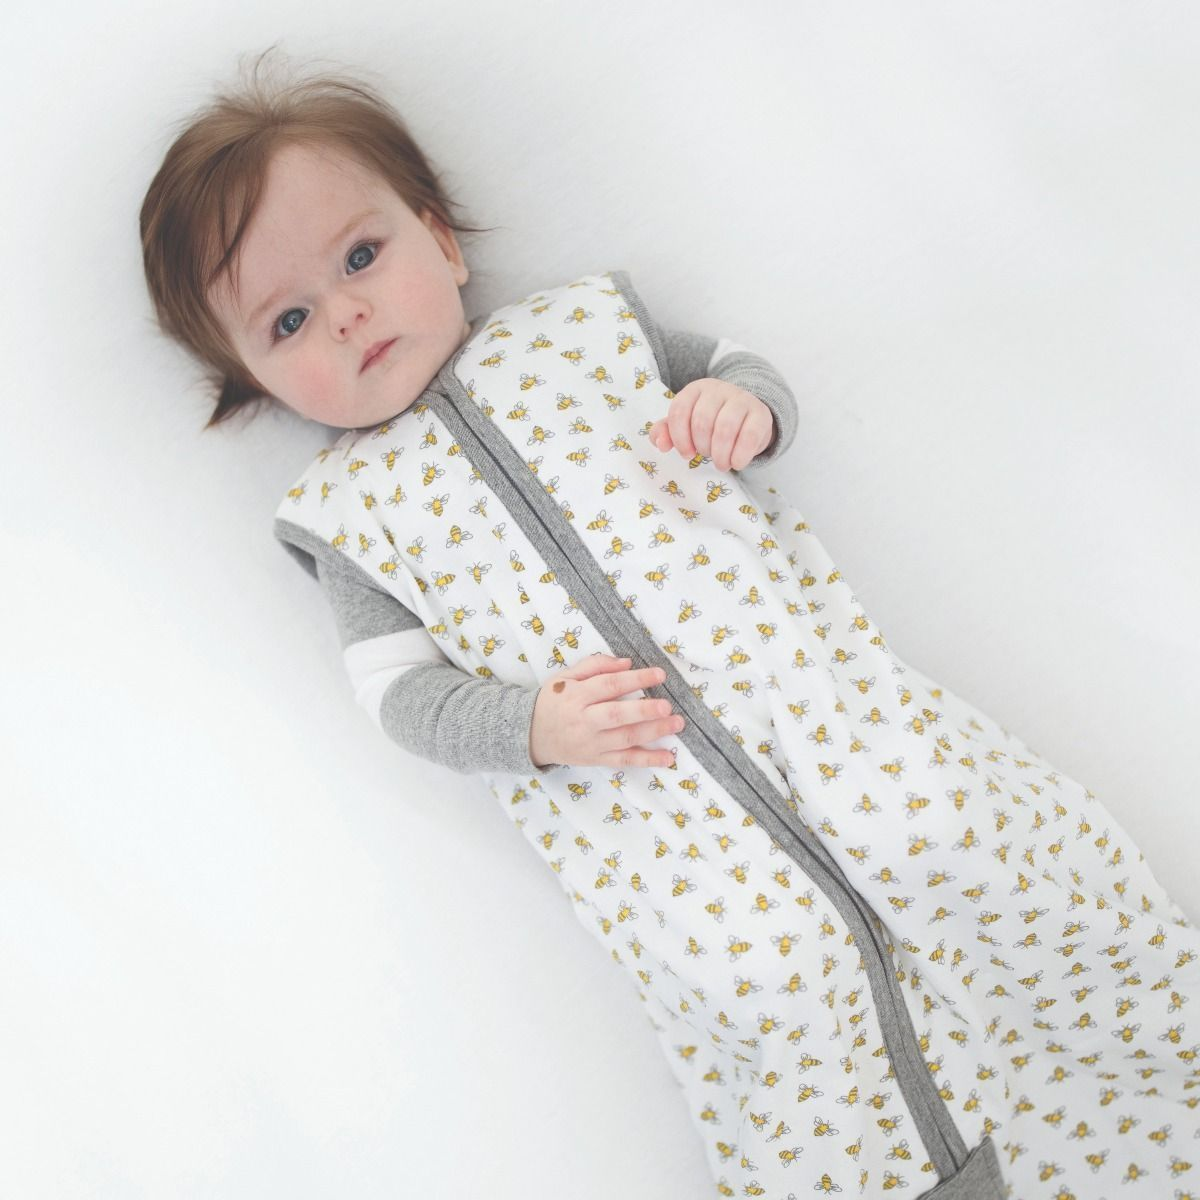 ef0e2aab0f7 Beekeeper™ Honey Bee Organic Baby Wearable Blanket